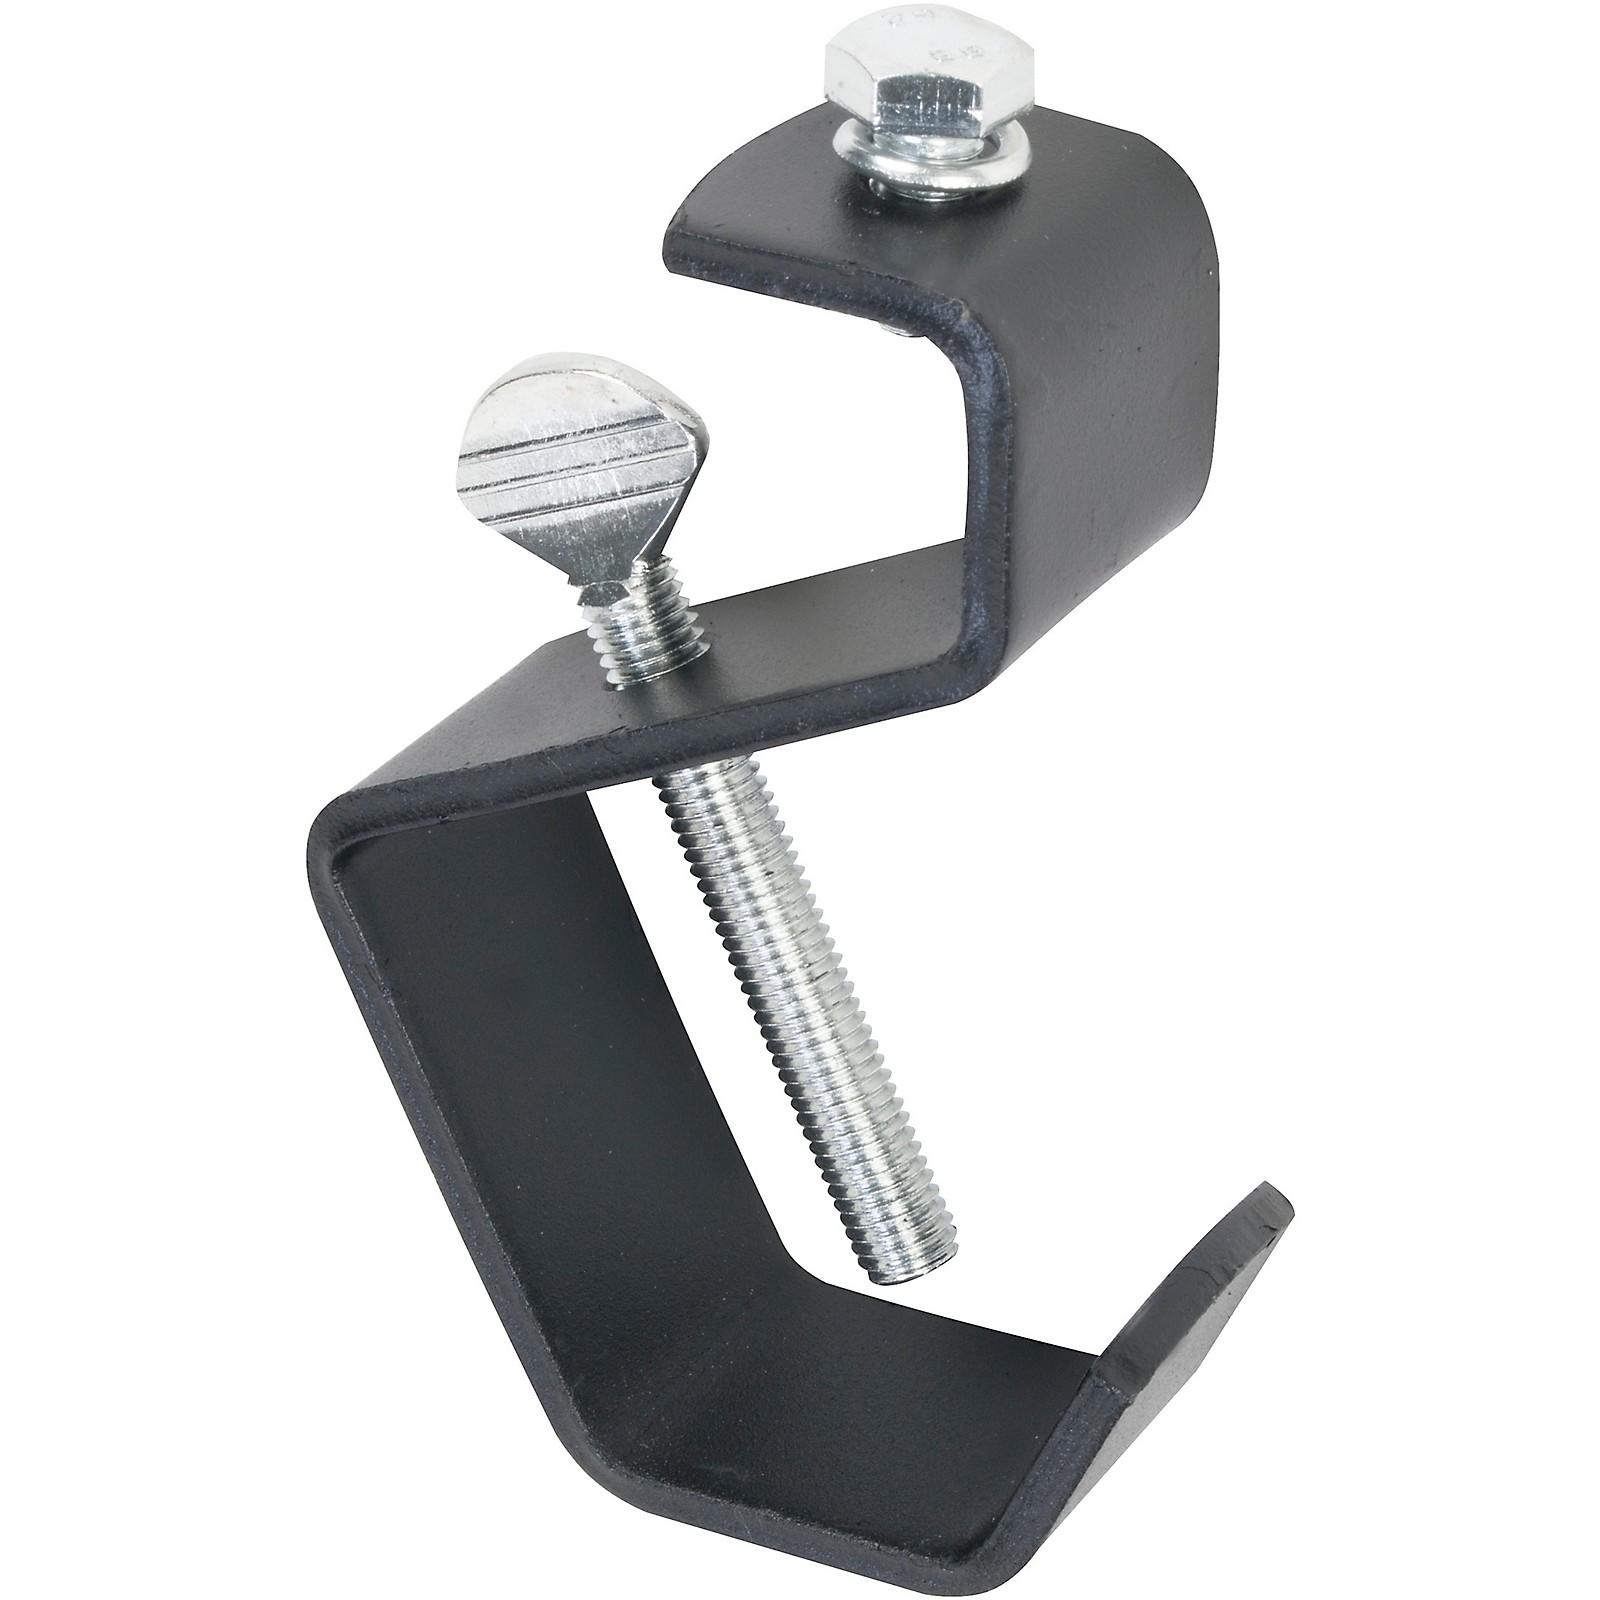 Eliminator Lighting E127 S-Hook Style Lighting Clamp